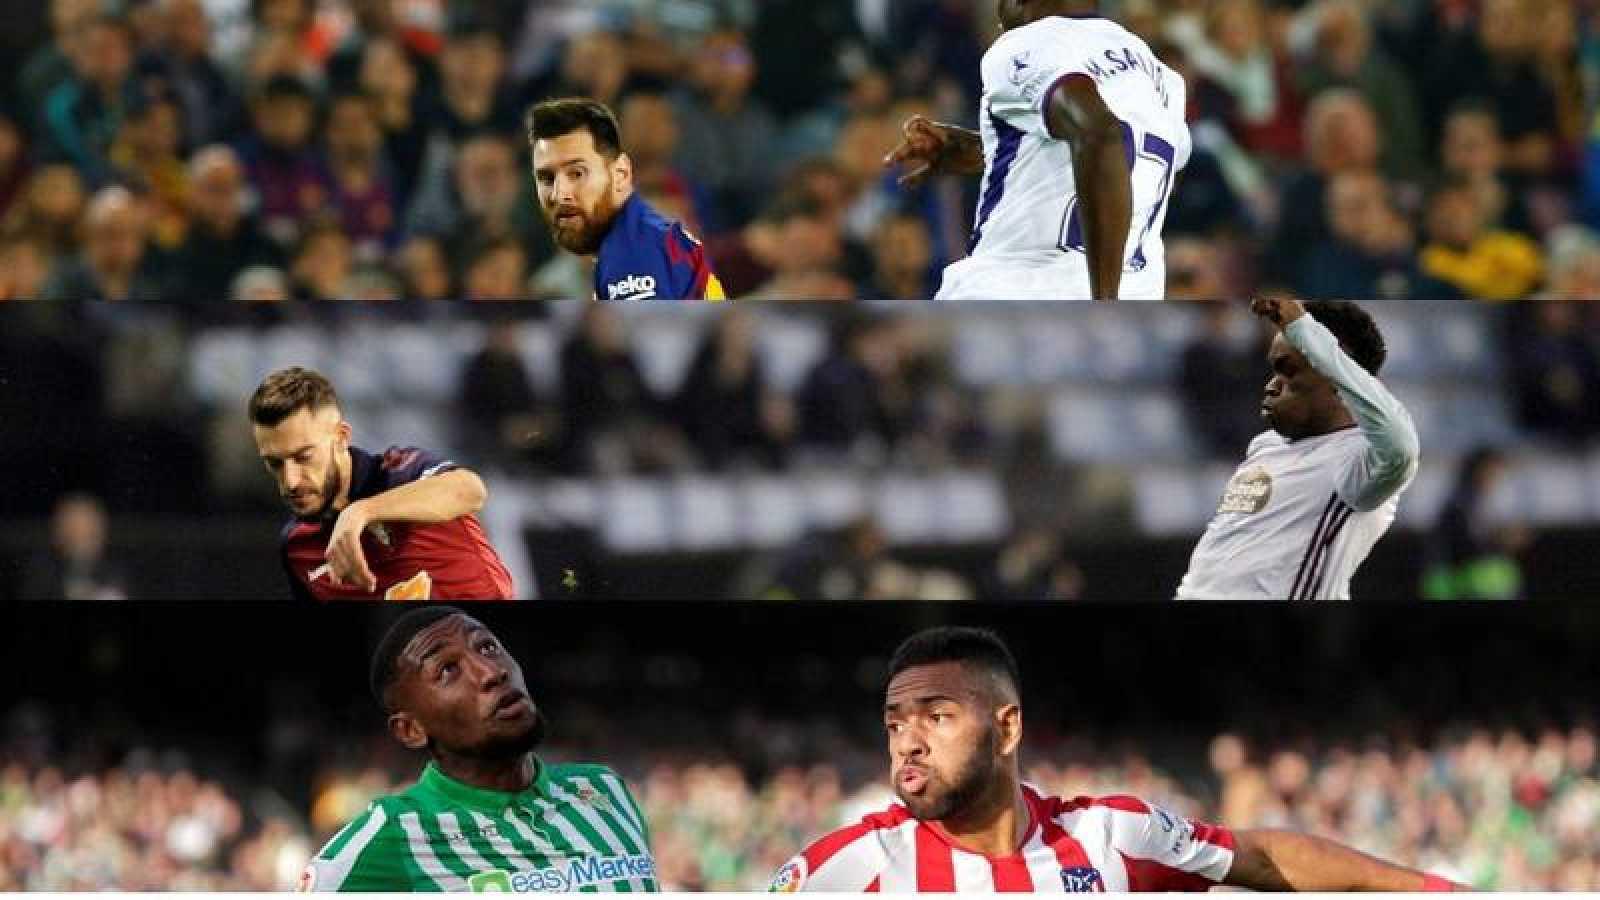 Imágenes de los encuentros Barcelona-Valladolid, Celta-Osasuna y Betis-Atlético de la primera vuelta de la Liga 2019-2020.